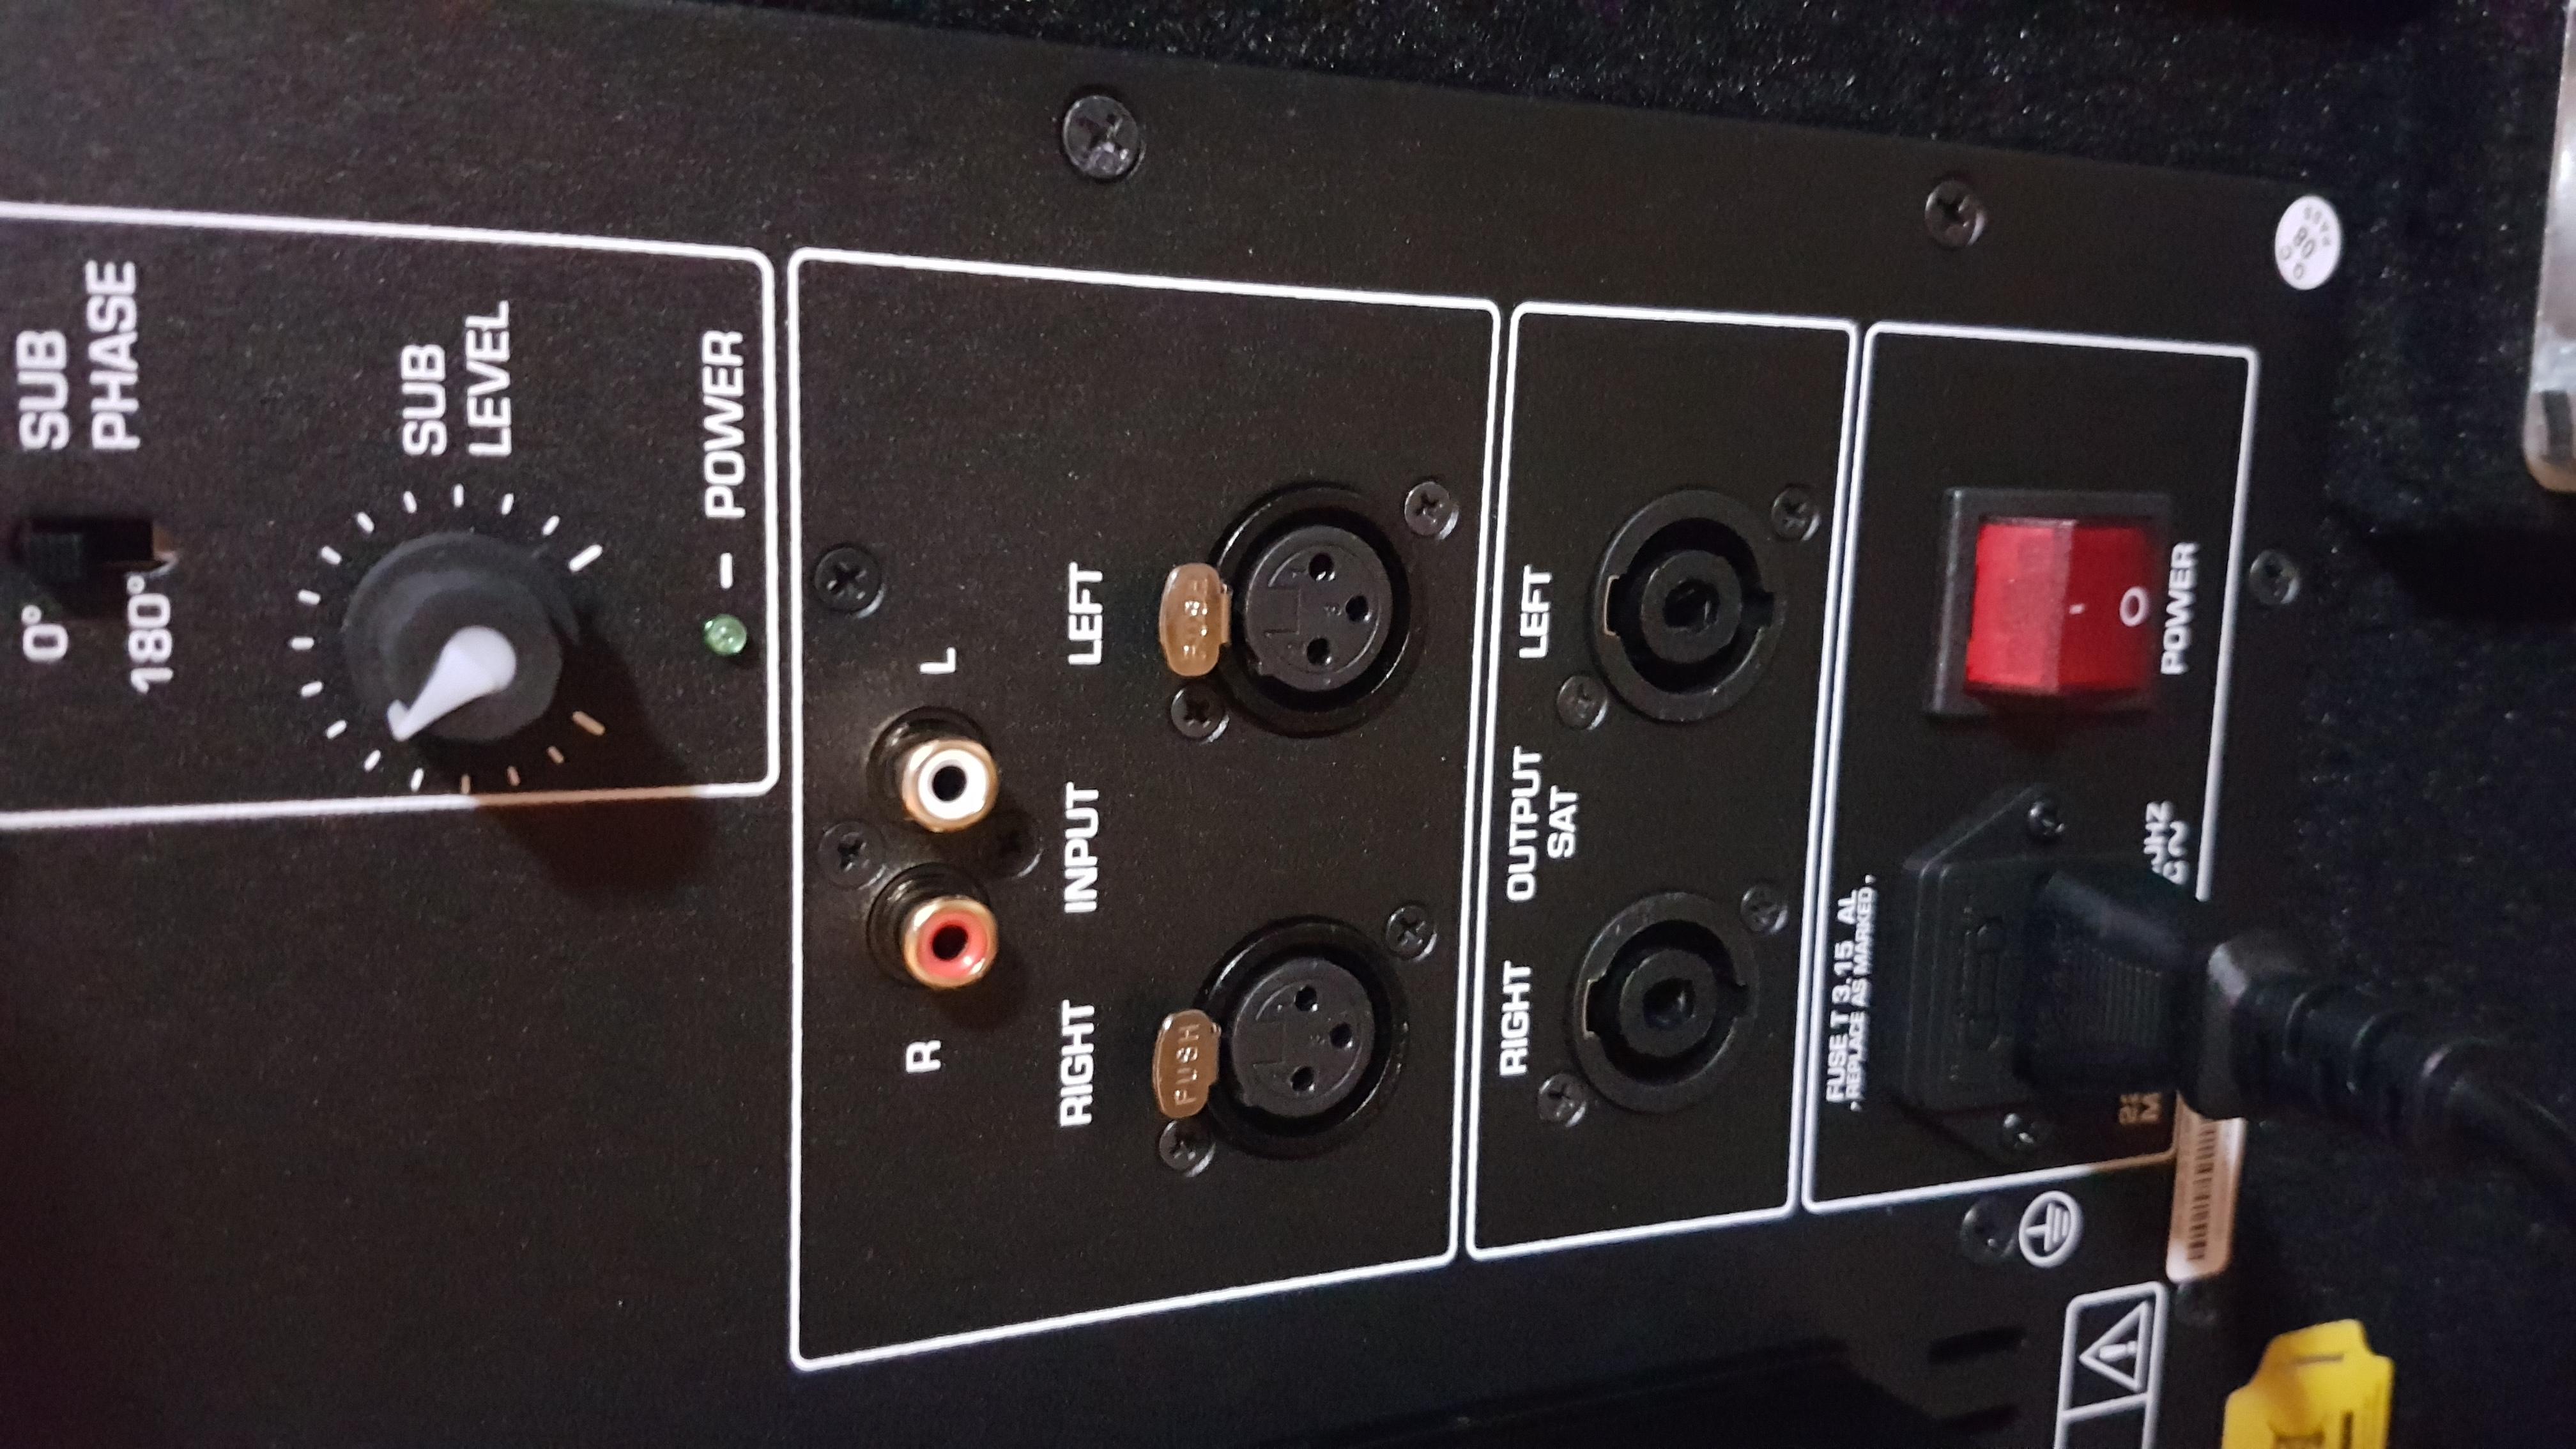 welche kabel benötige ich genau? (pa anlage)? (computer, musik, technik)